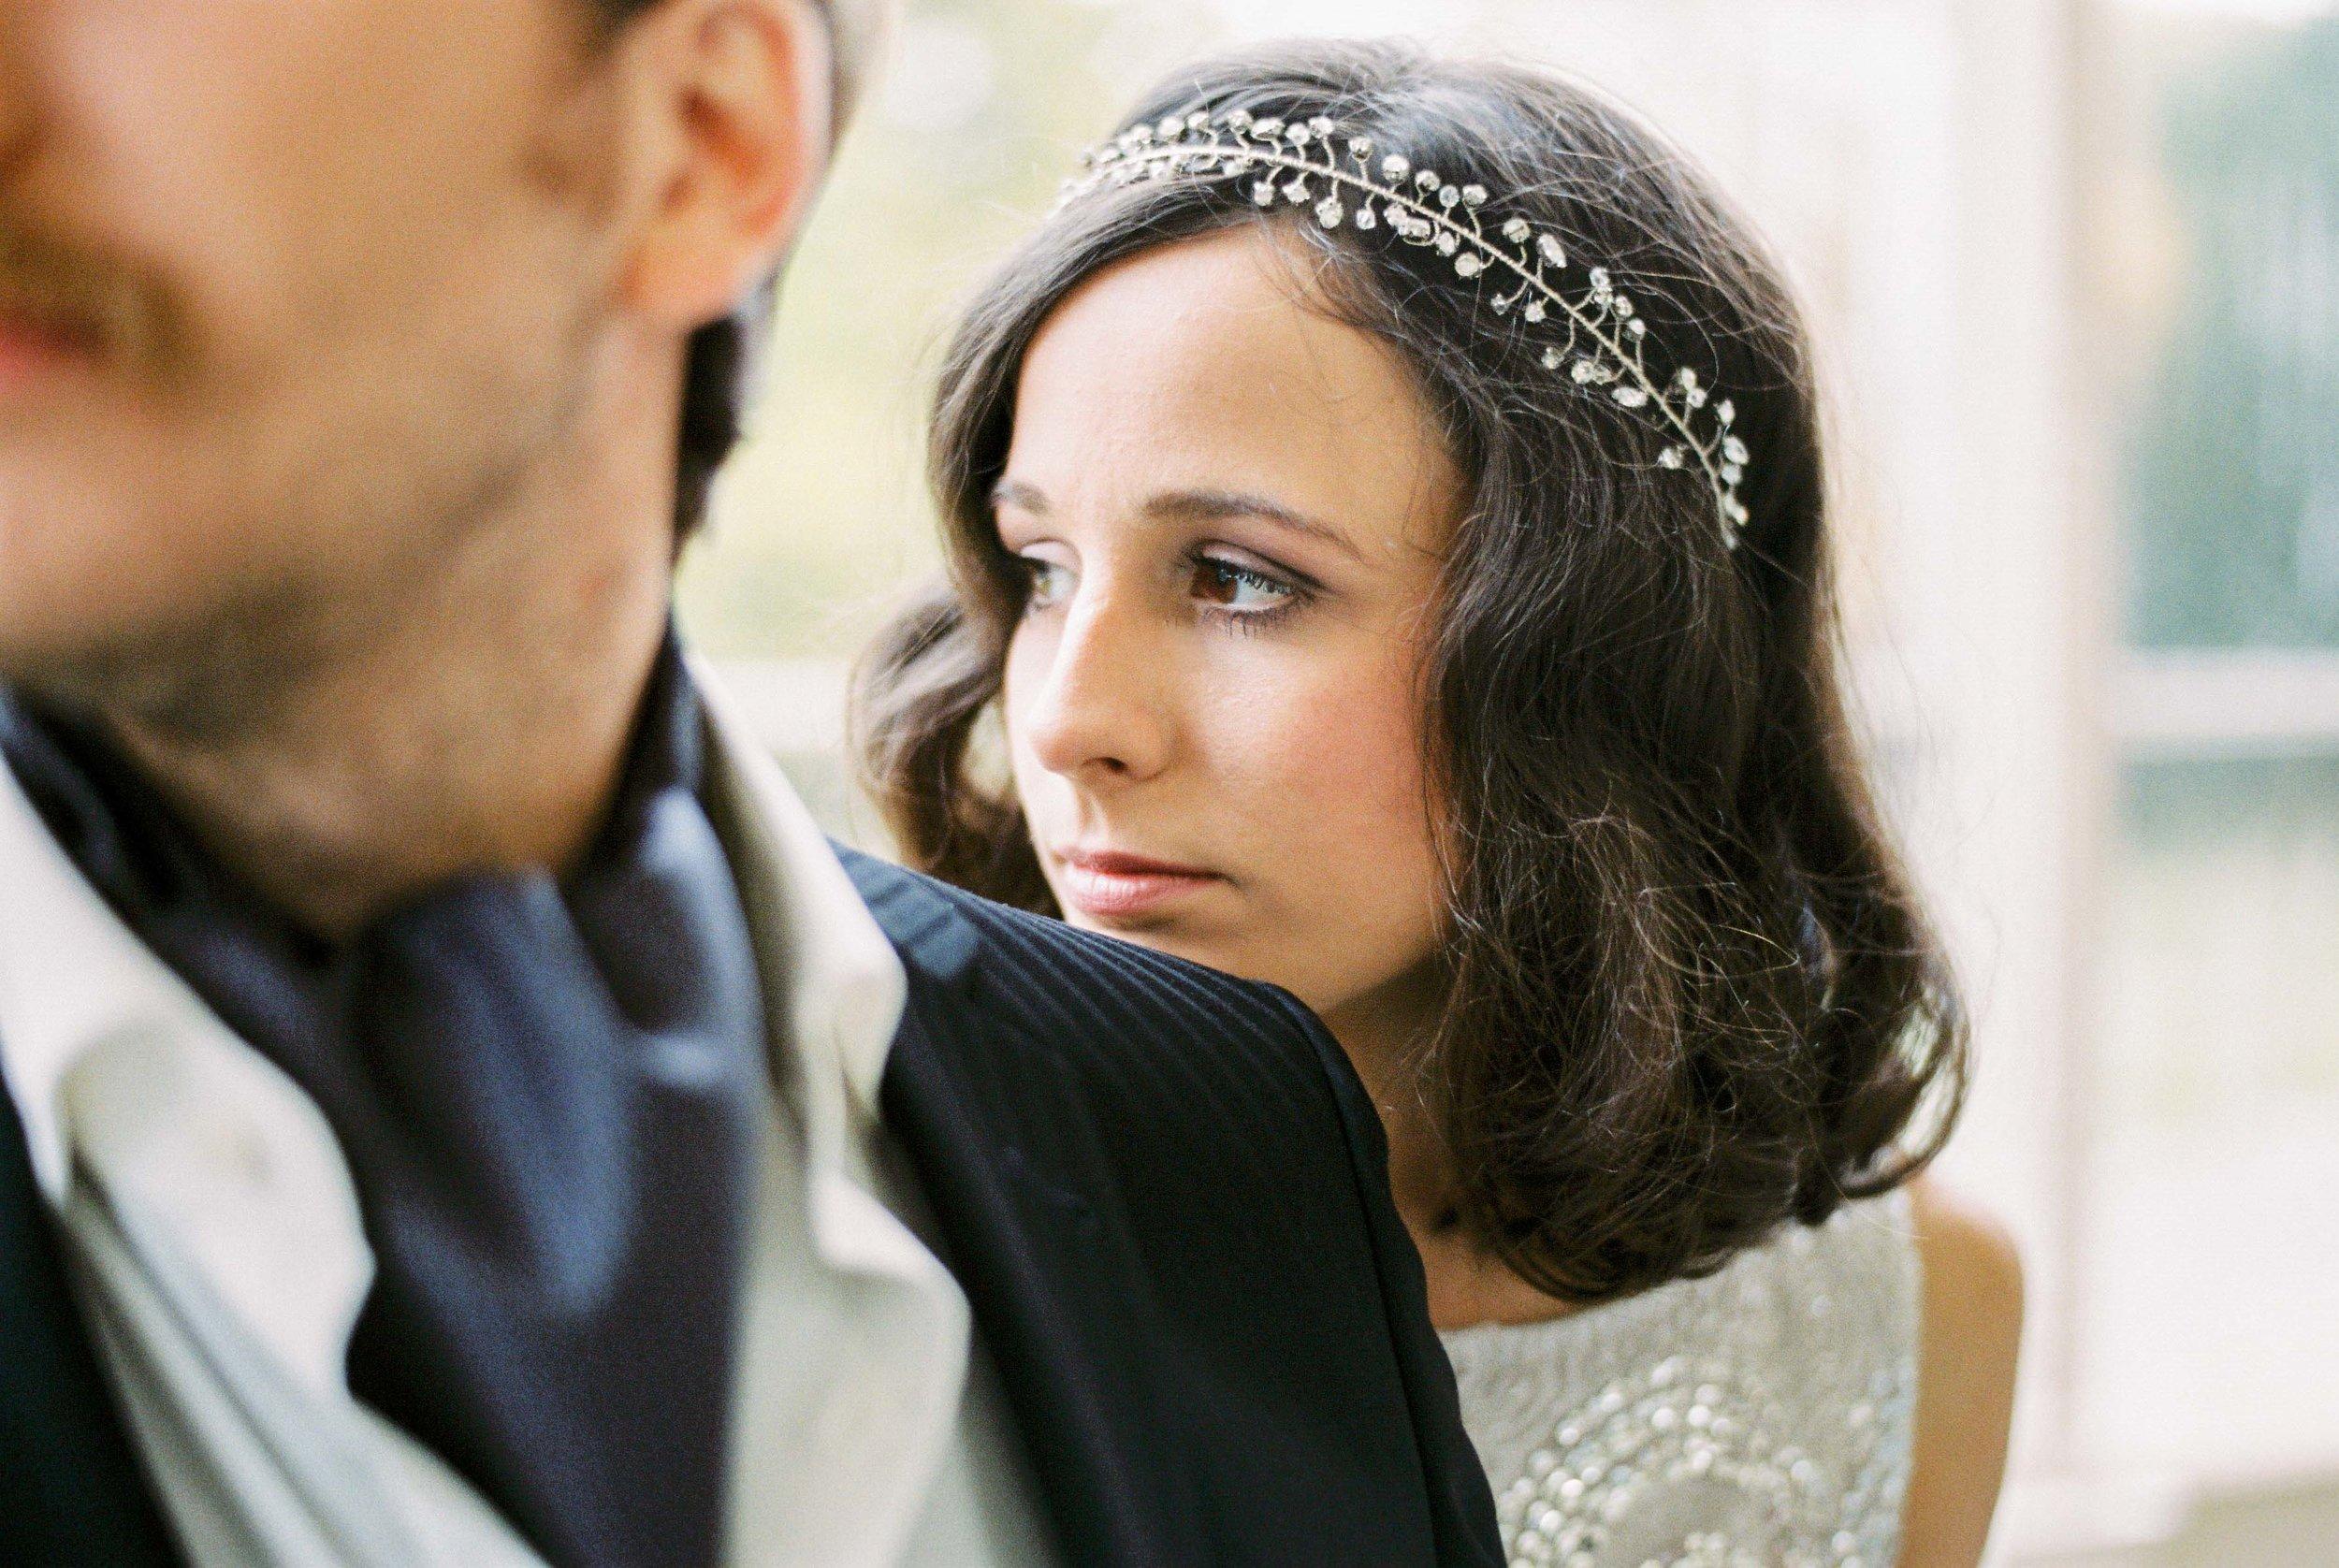 eskuvo-beloved-hajdisz-nyaksal-menyasszony.jpg